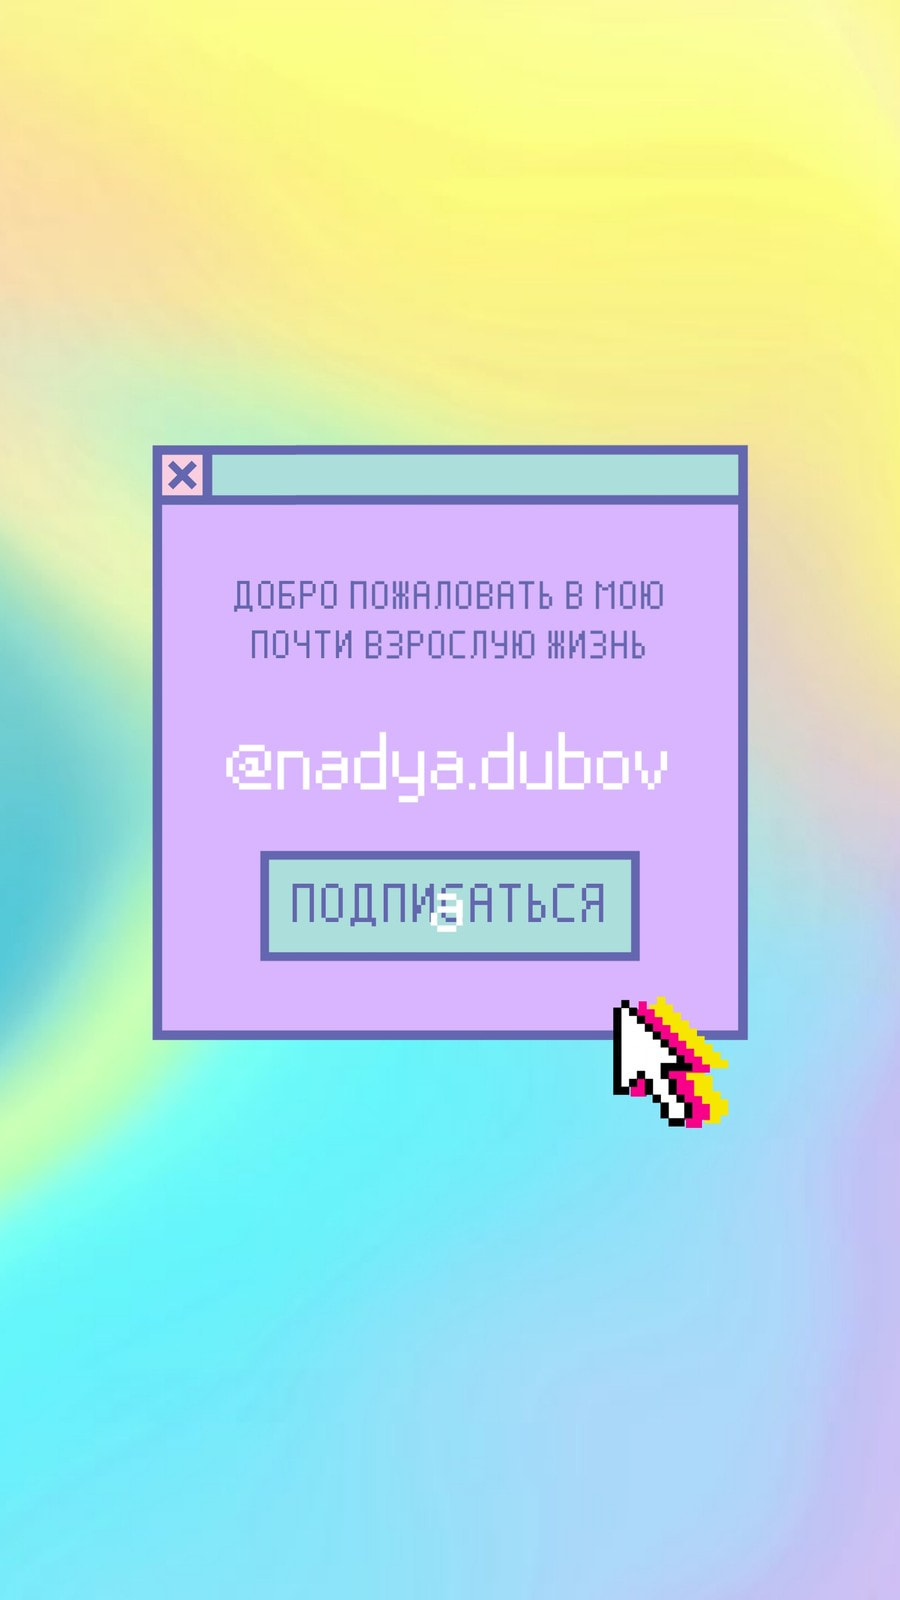 Пастельный Анимационный Компьютерный Экран Tiktok Конечный Кадр